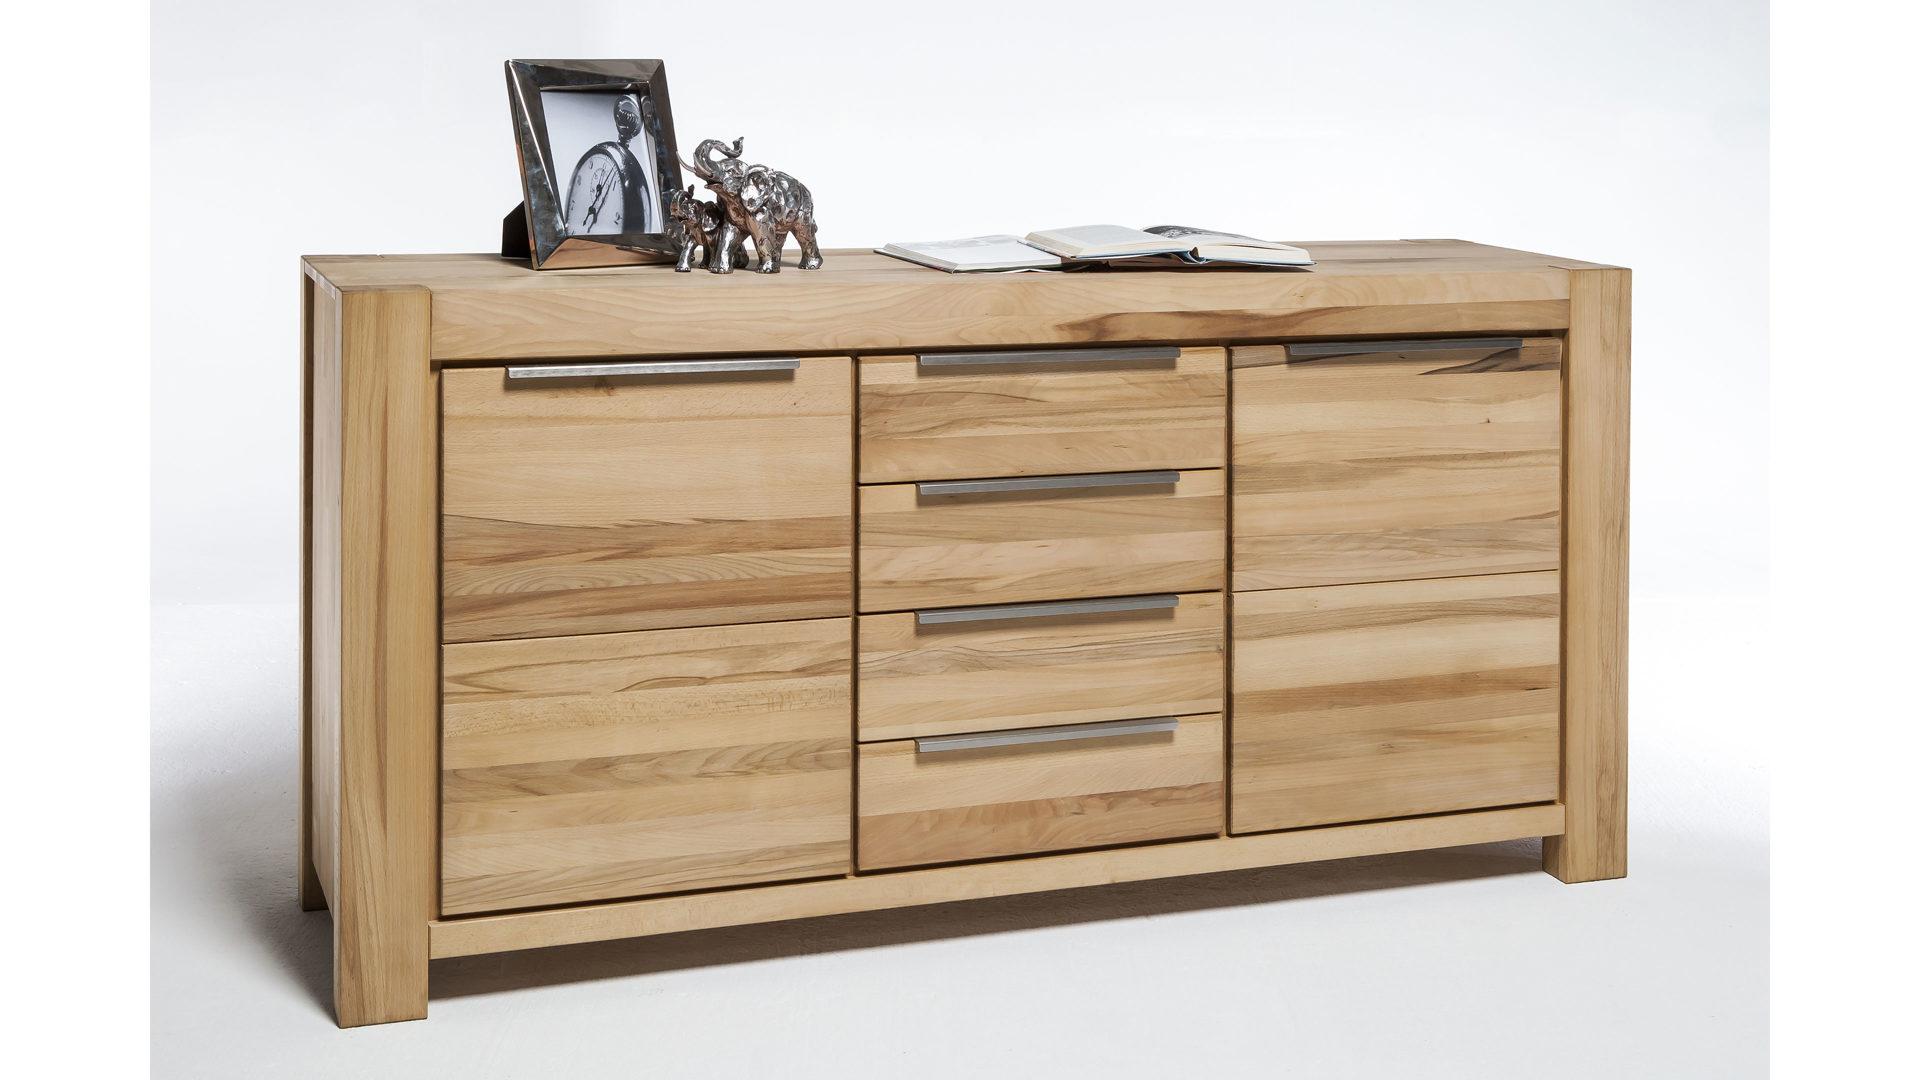 Möbel möbel frauendorfer amberg räume wohnzimmer regale raumteiler